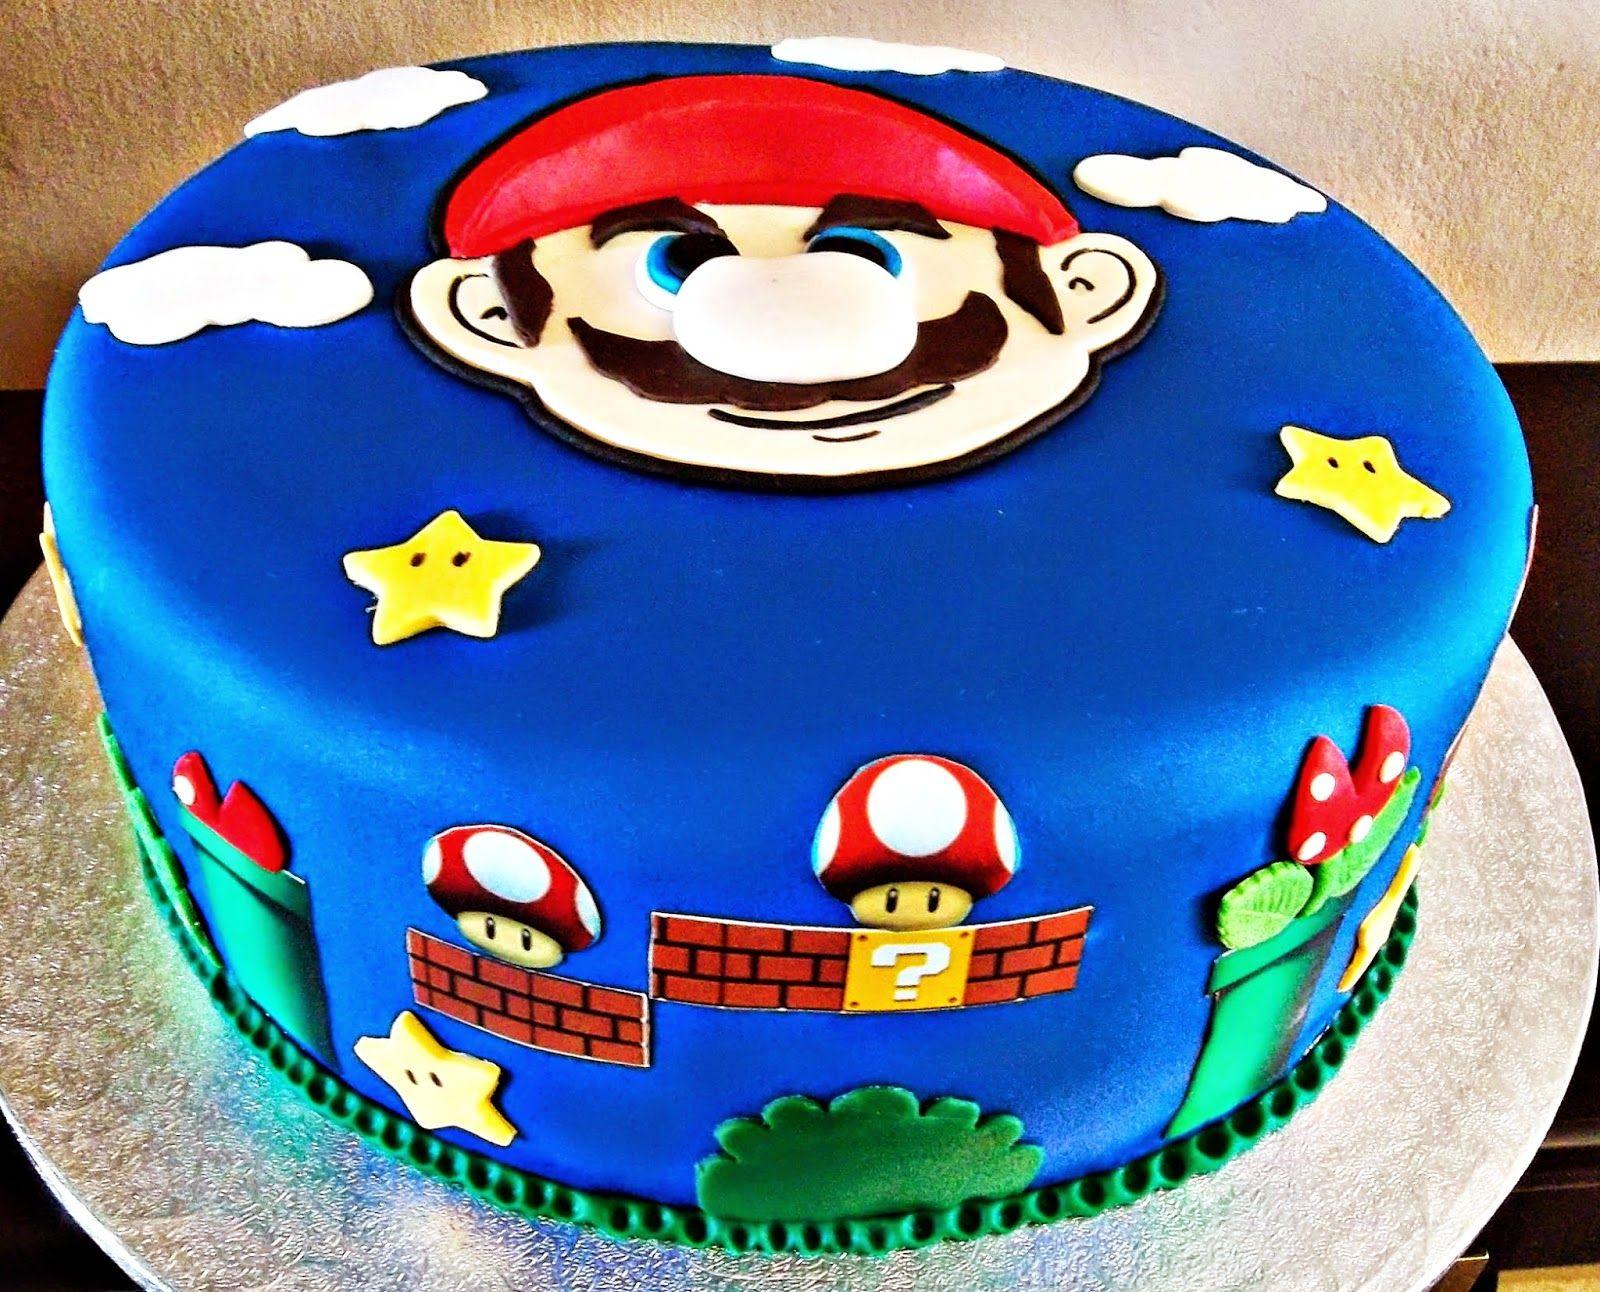 Crema Y Chocolate Tarta Super Mario Bros Super Mario